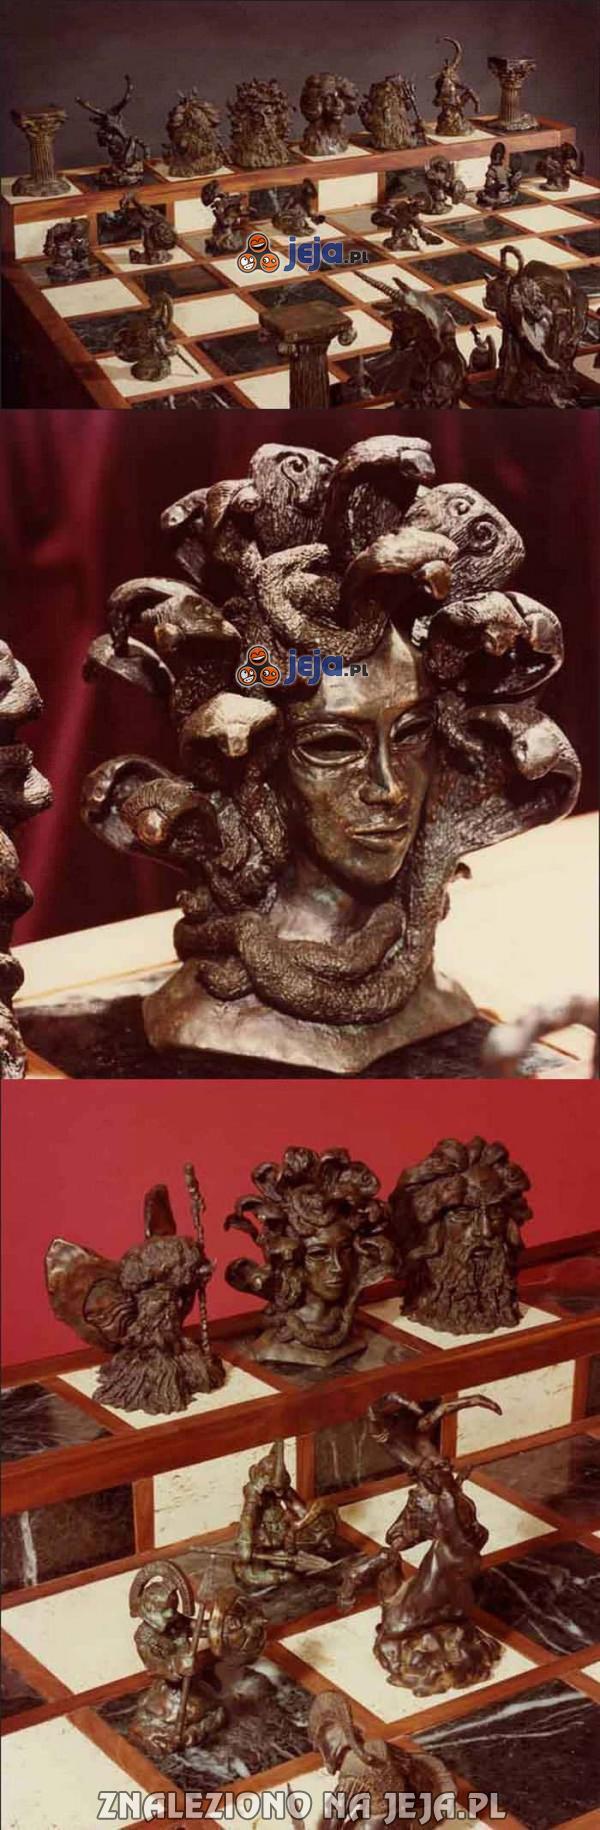 Szachy inspirowane mitologią grecką